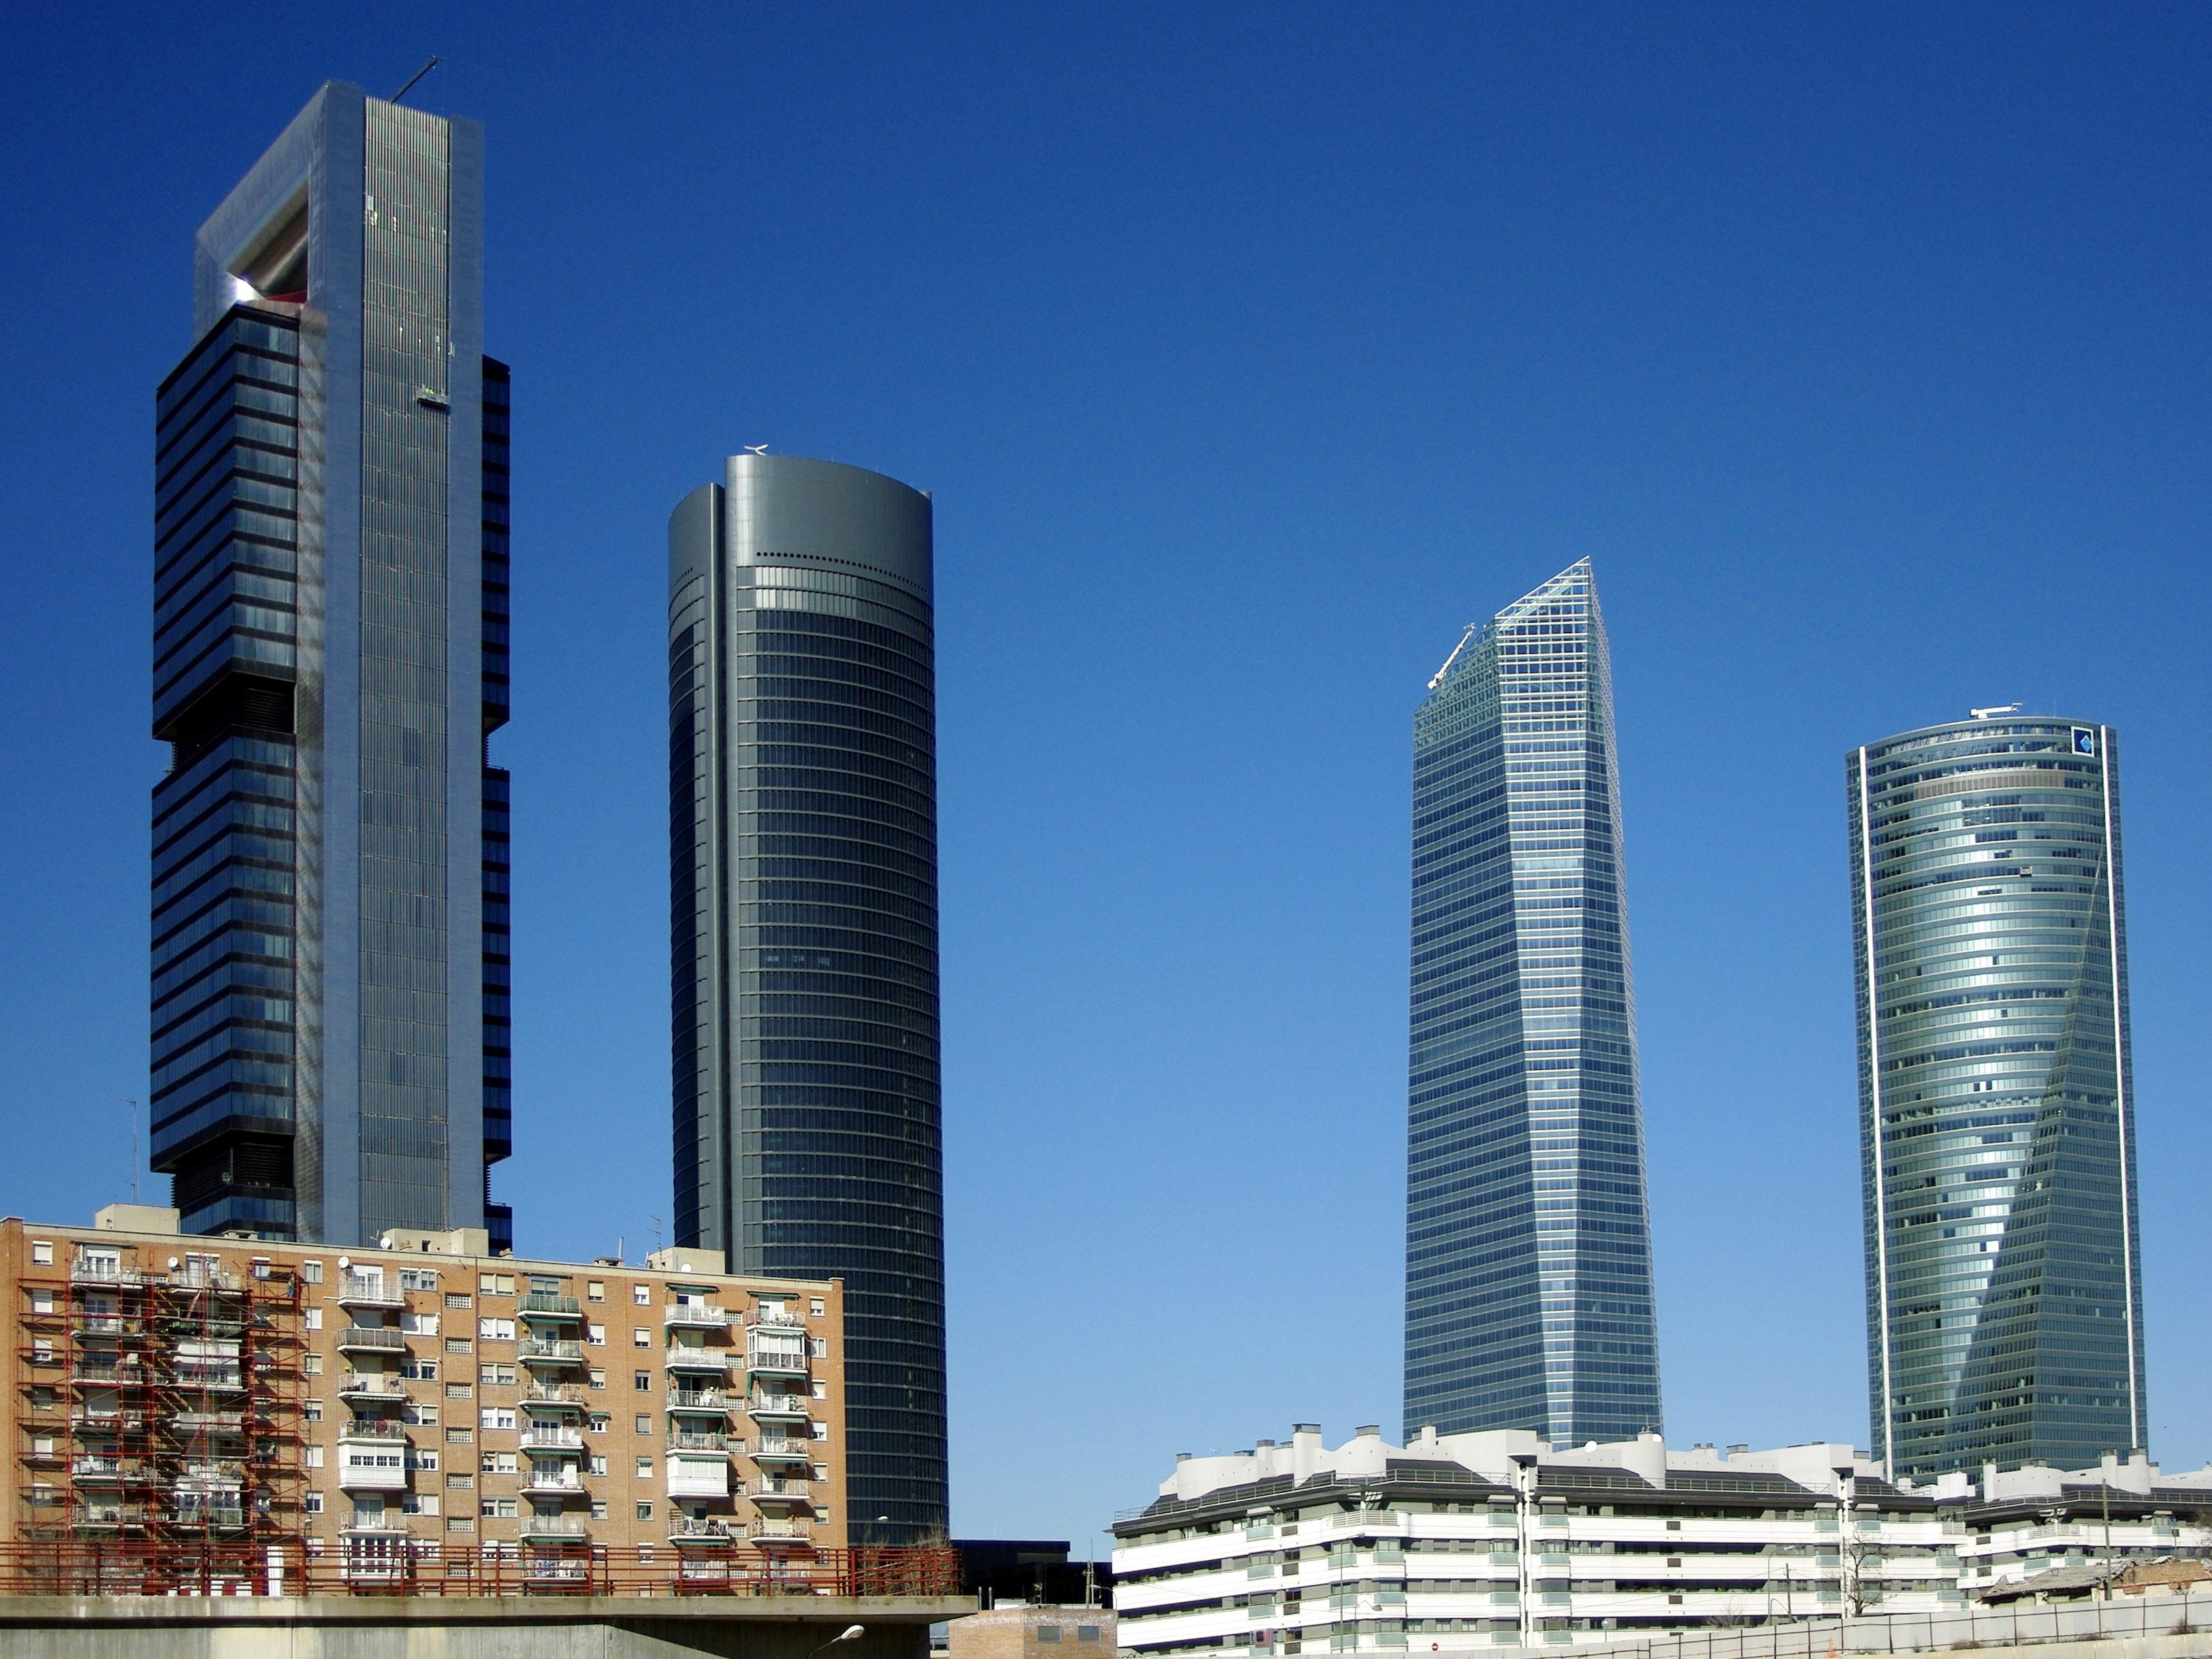 Fotos Gratis : Arquitectura, Horizonte, Edificio